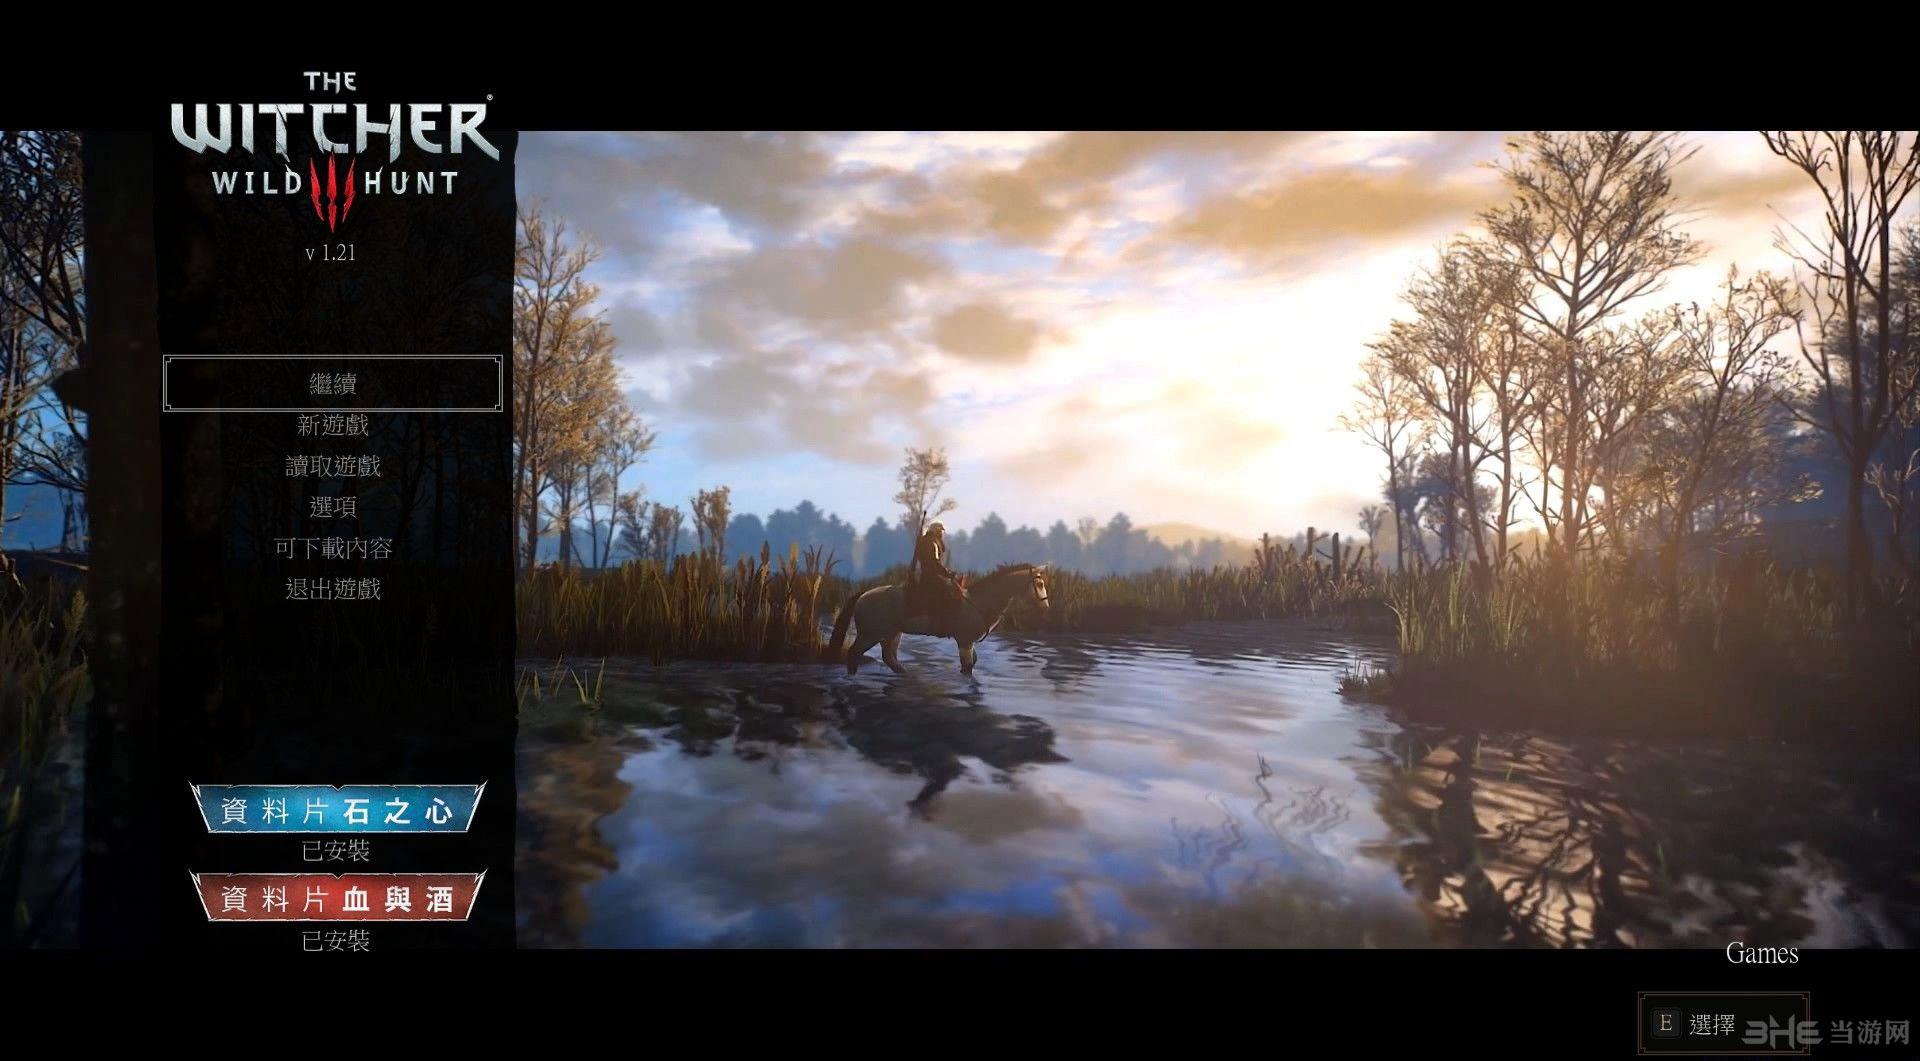 巫师3:狂猎主菜单震撼CG MOD截图1